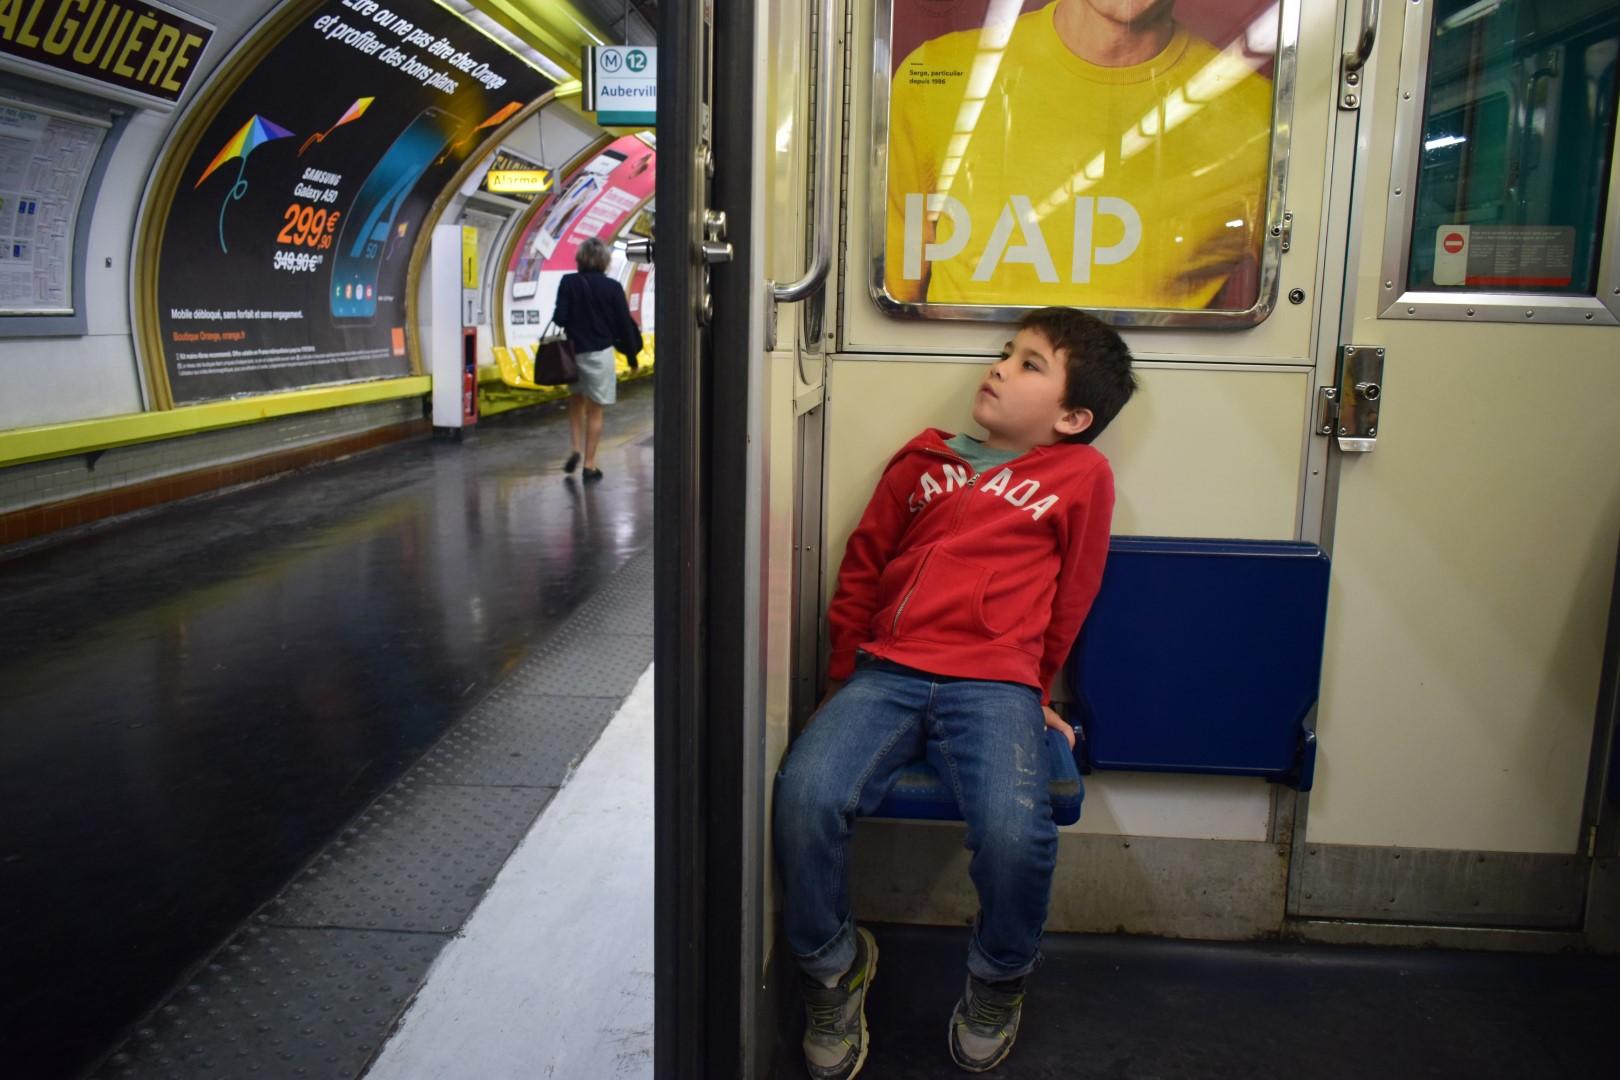 In the métro, Paris